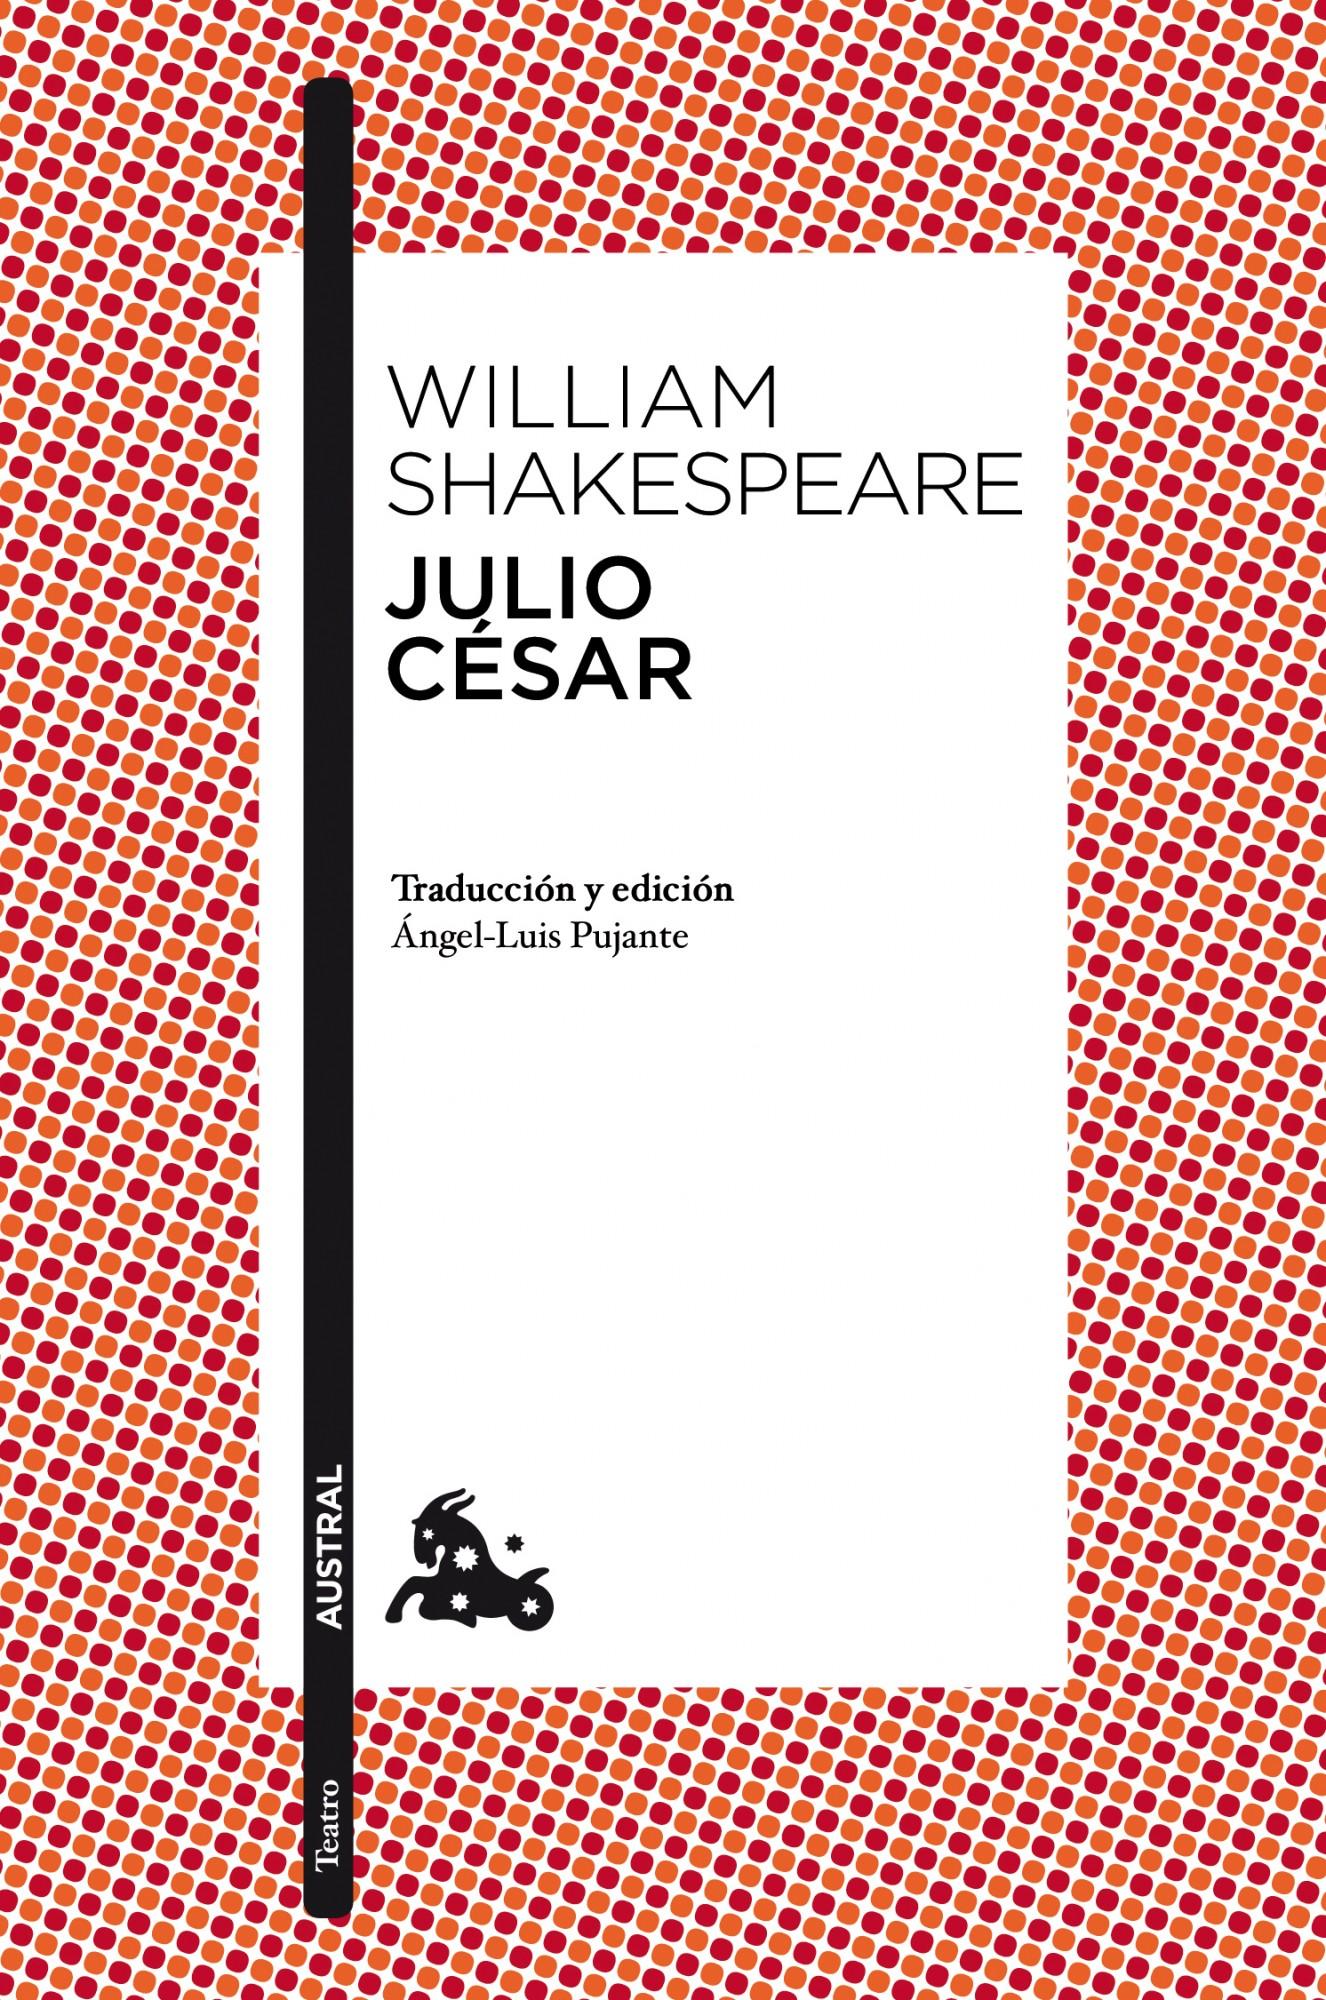 Julio Cesar por William Shakespeare